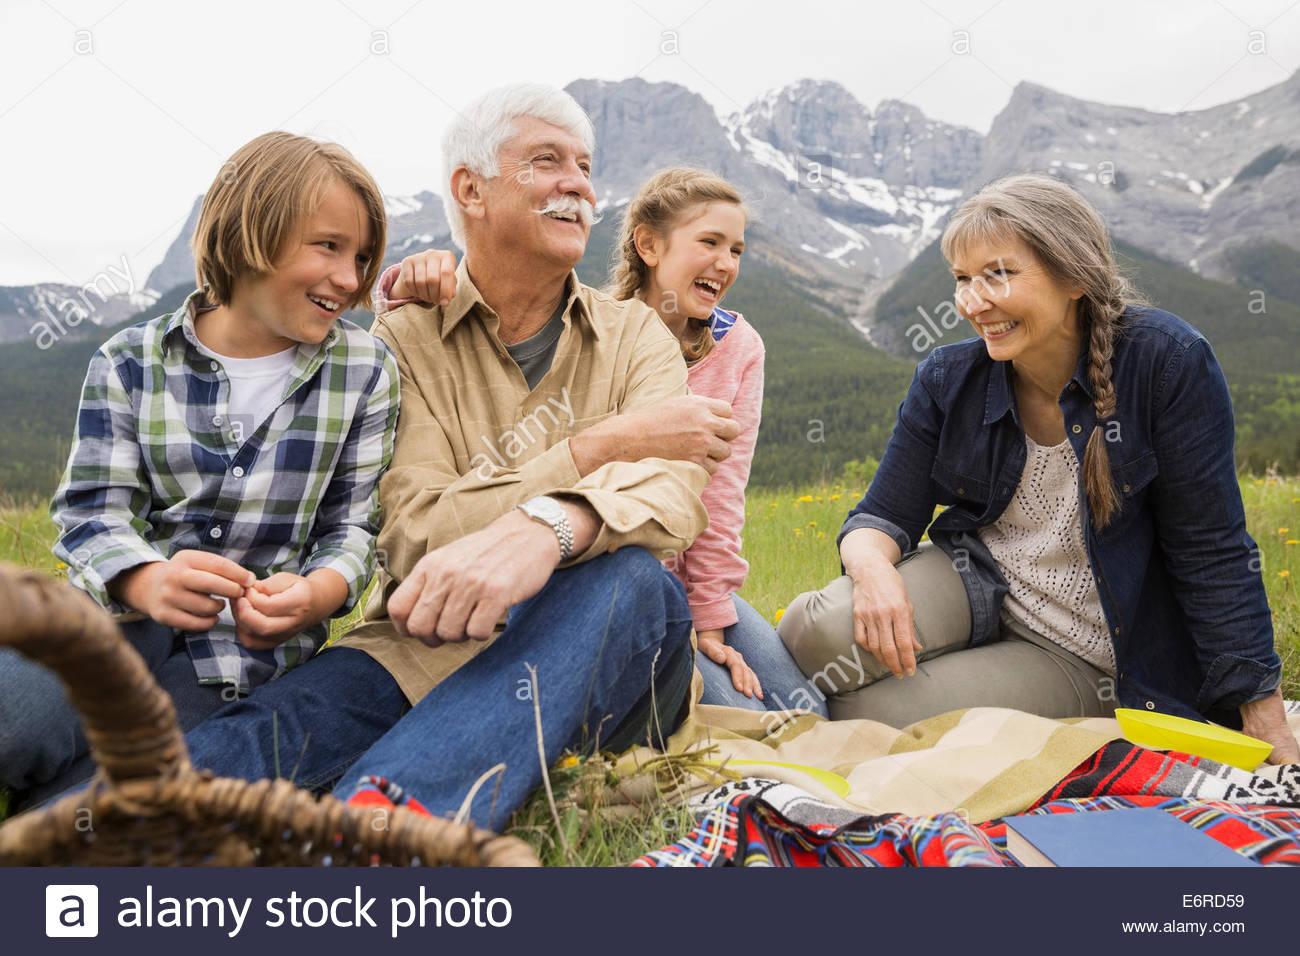 Family having picnic in rural field - Stock Image